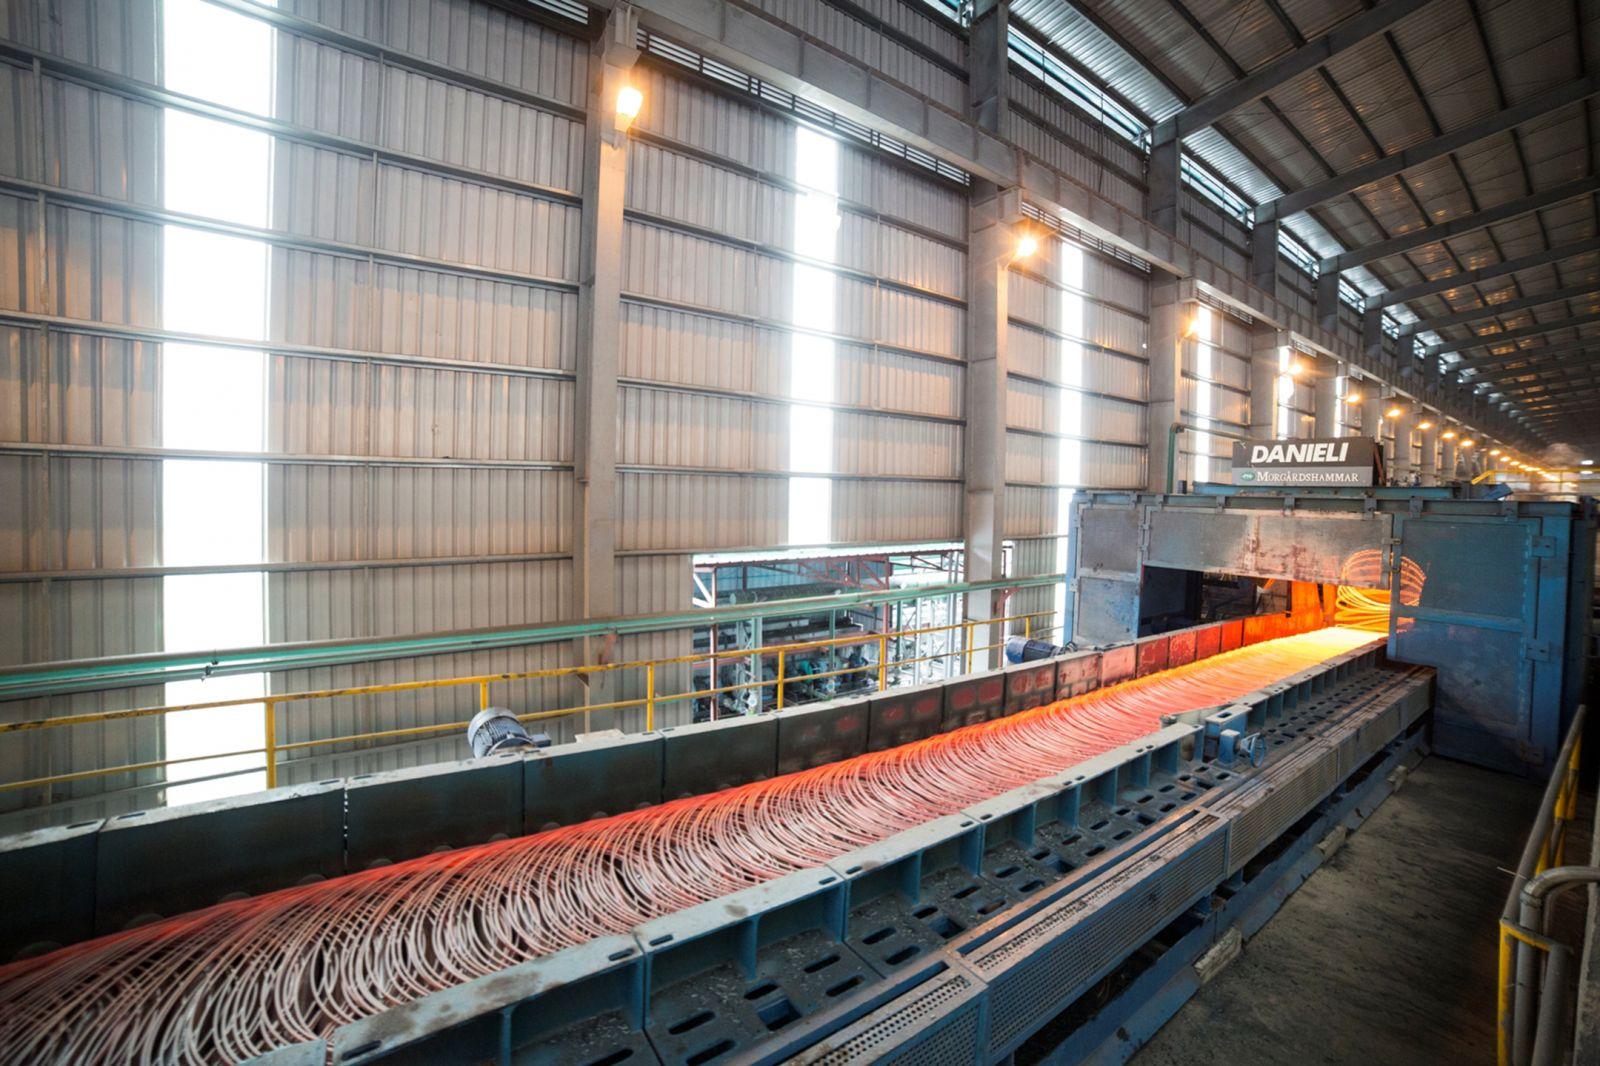 Tháng 7/2019, thép xây dựng Hòa Phát đạt sản lượng hơn 235.000 tấn, trong đó có 26.800 tấn xuất khẩu.